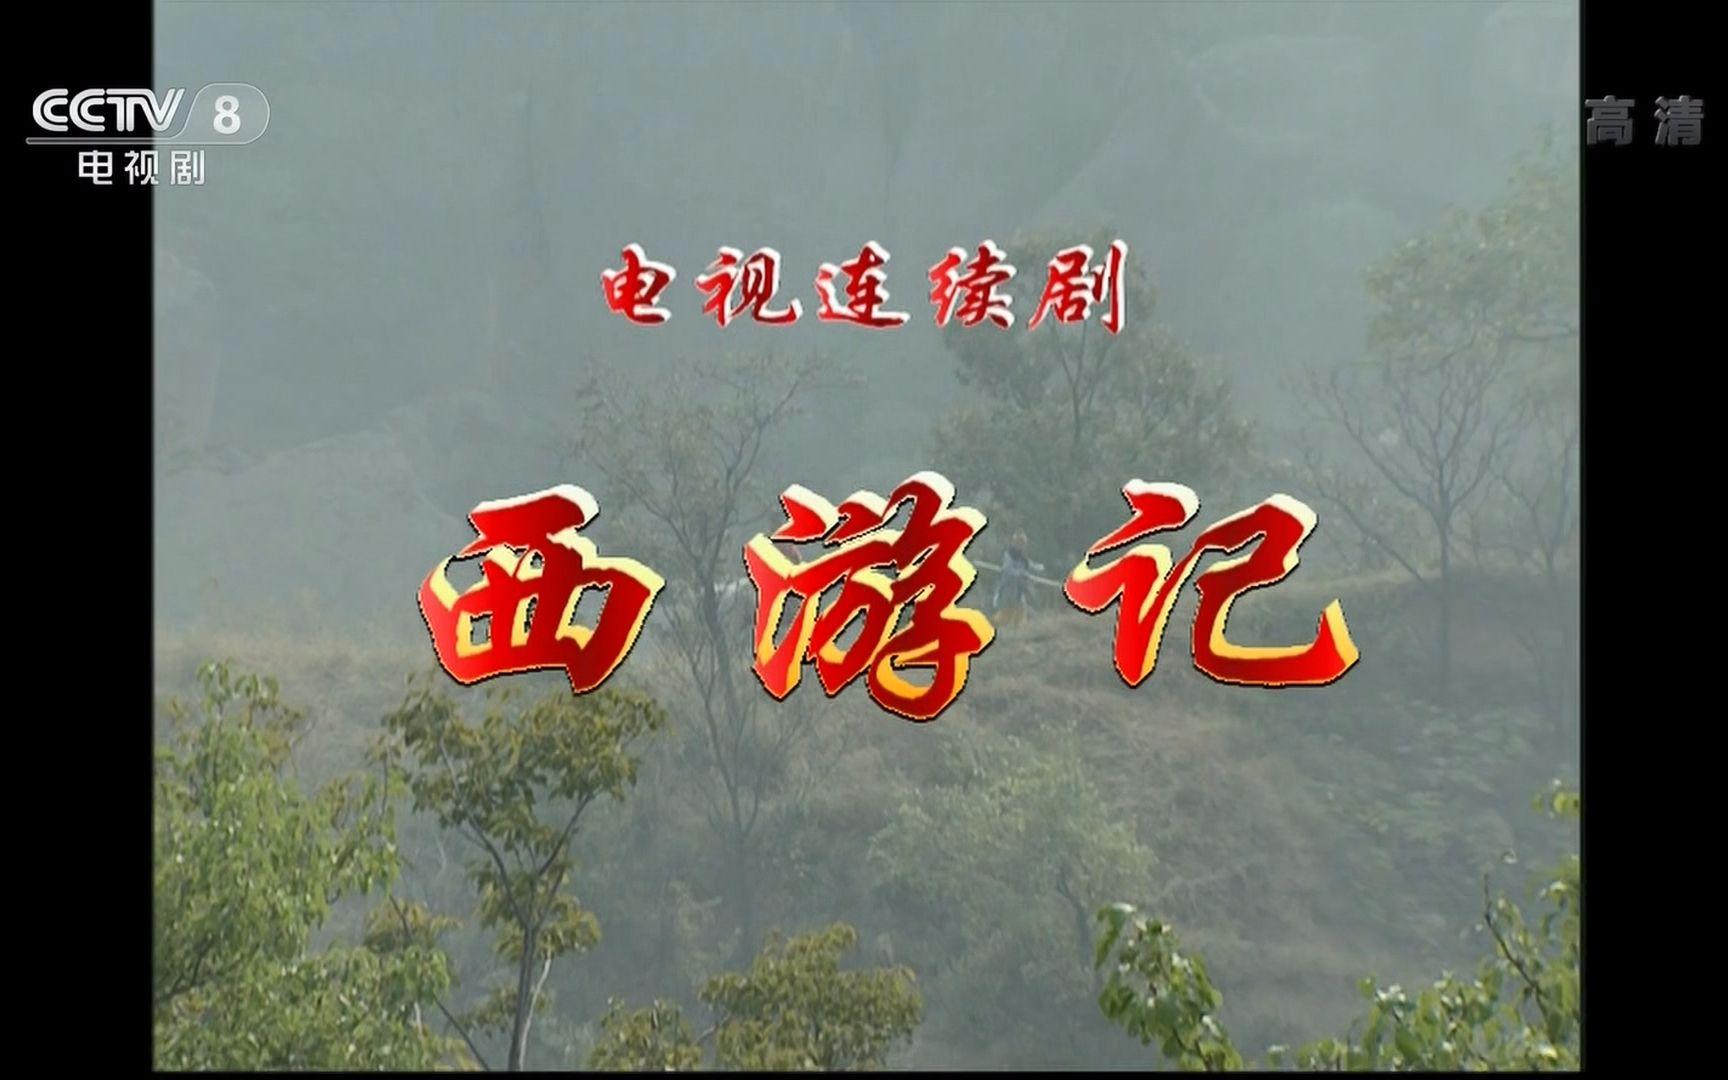 86版西游记小唐僧_《西游记续集》CCTV8版片头片尾_哔哩哔哩 (゜-゜)つロ 干杯~-bilibili